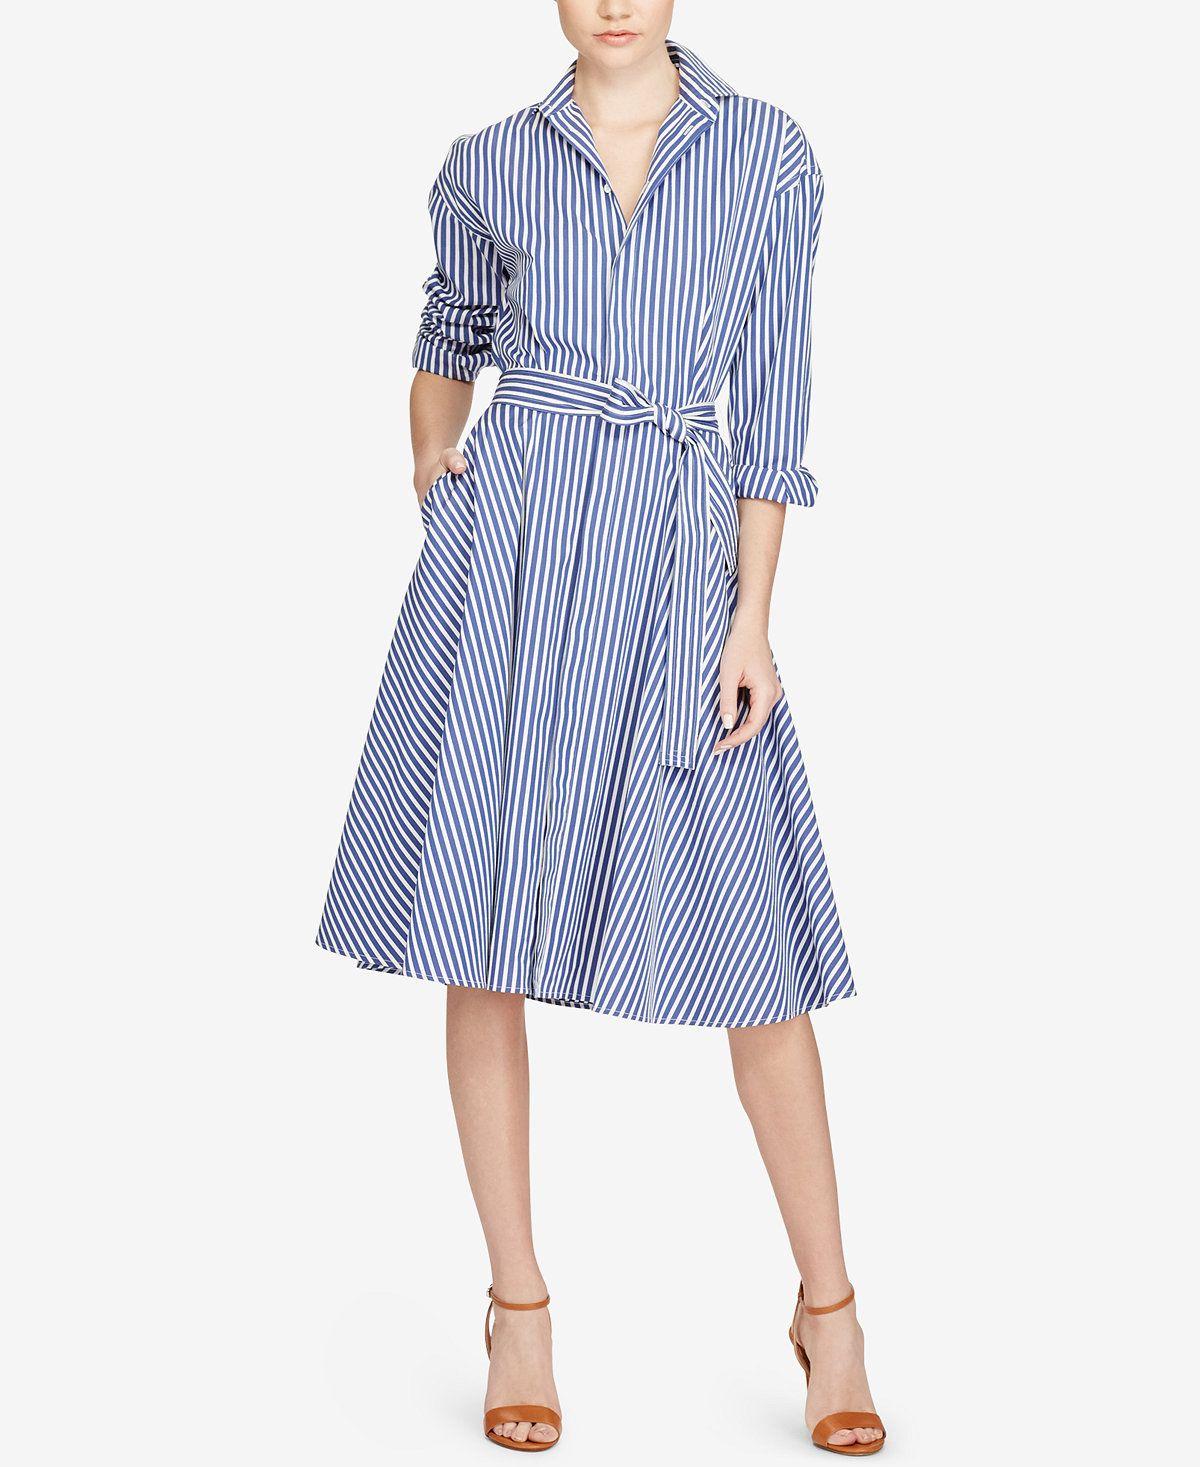 72d5d26a576 Polo Ralph Lauren Striped Cotton Shirtdress - Dresses - Women - Macy s